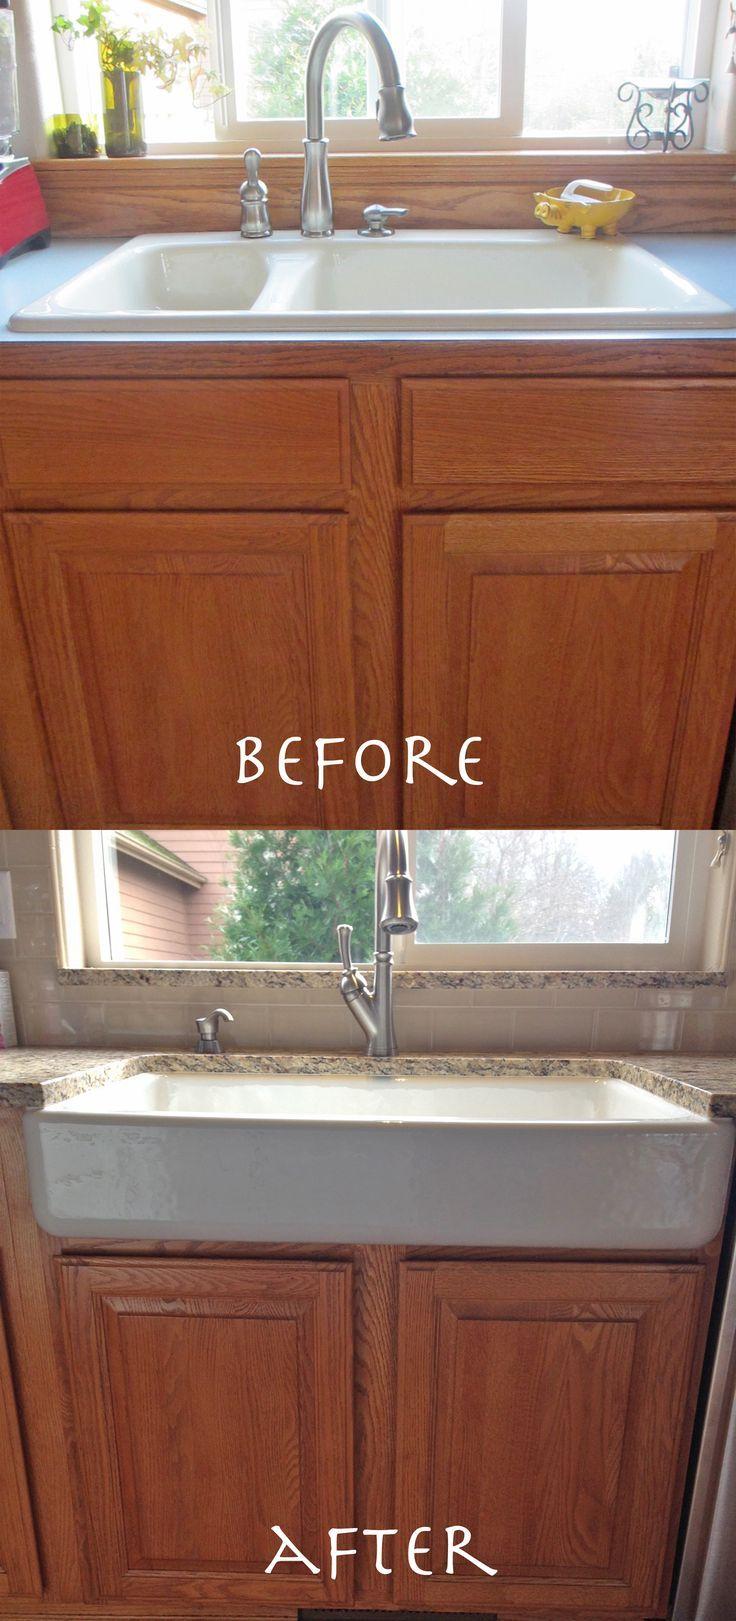 Apron front sink retrofit a standard